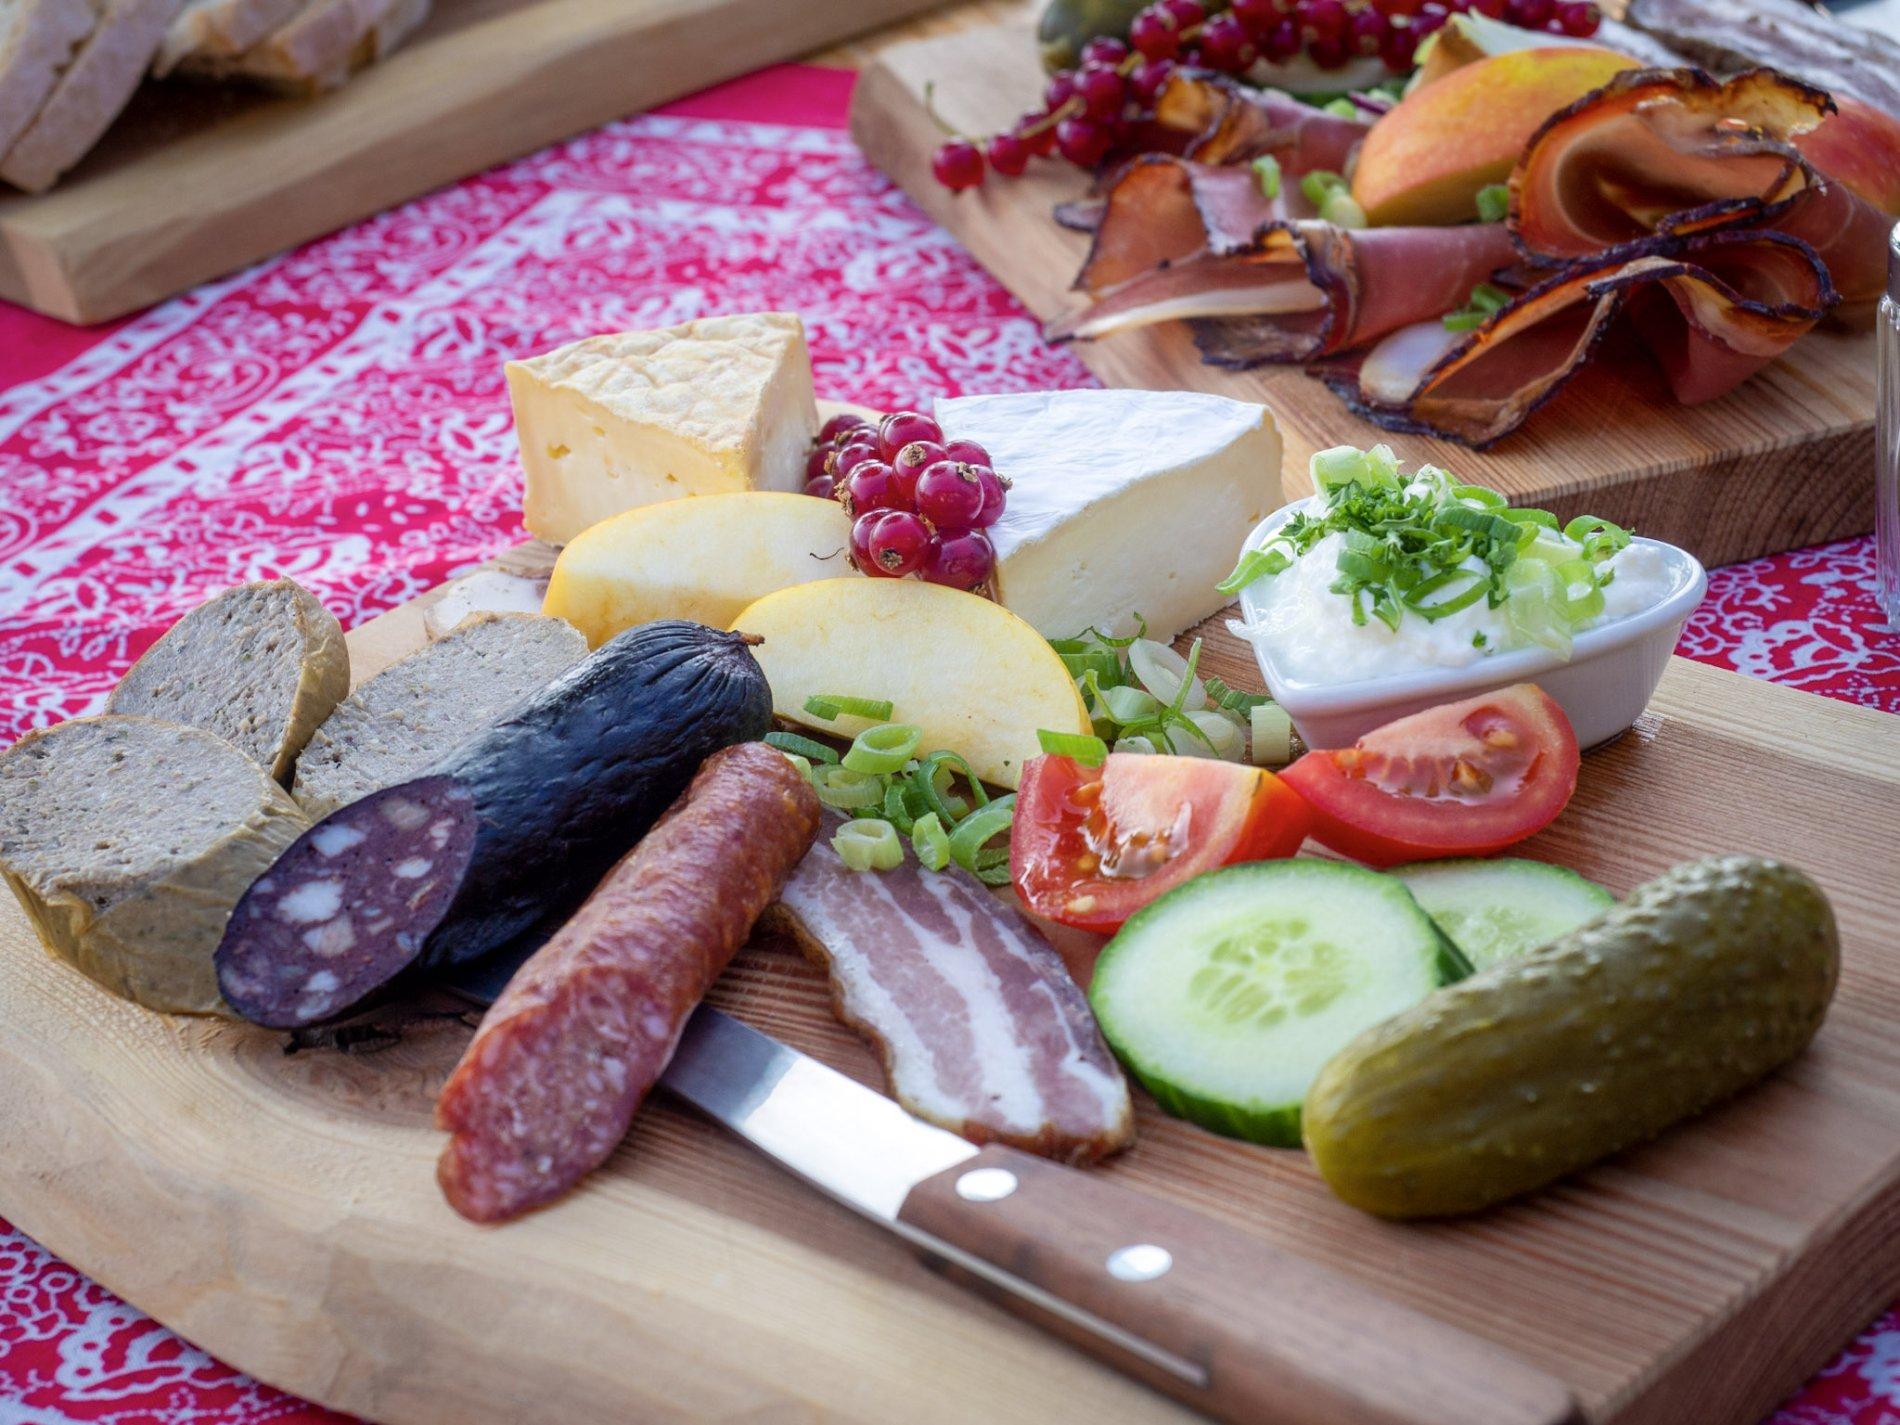 Heimische Wurst- und Käsespezialitäten serviert auf Vesperplatte